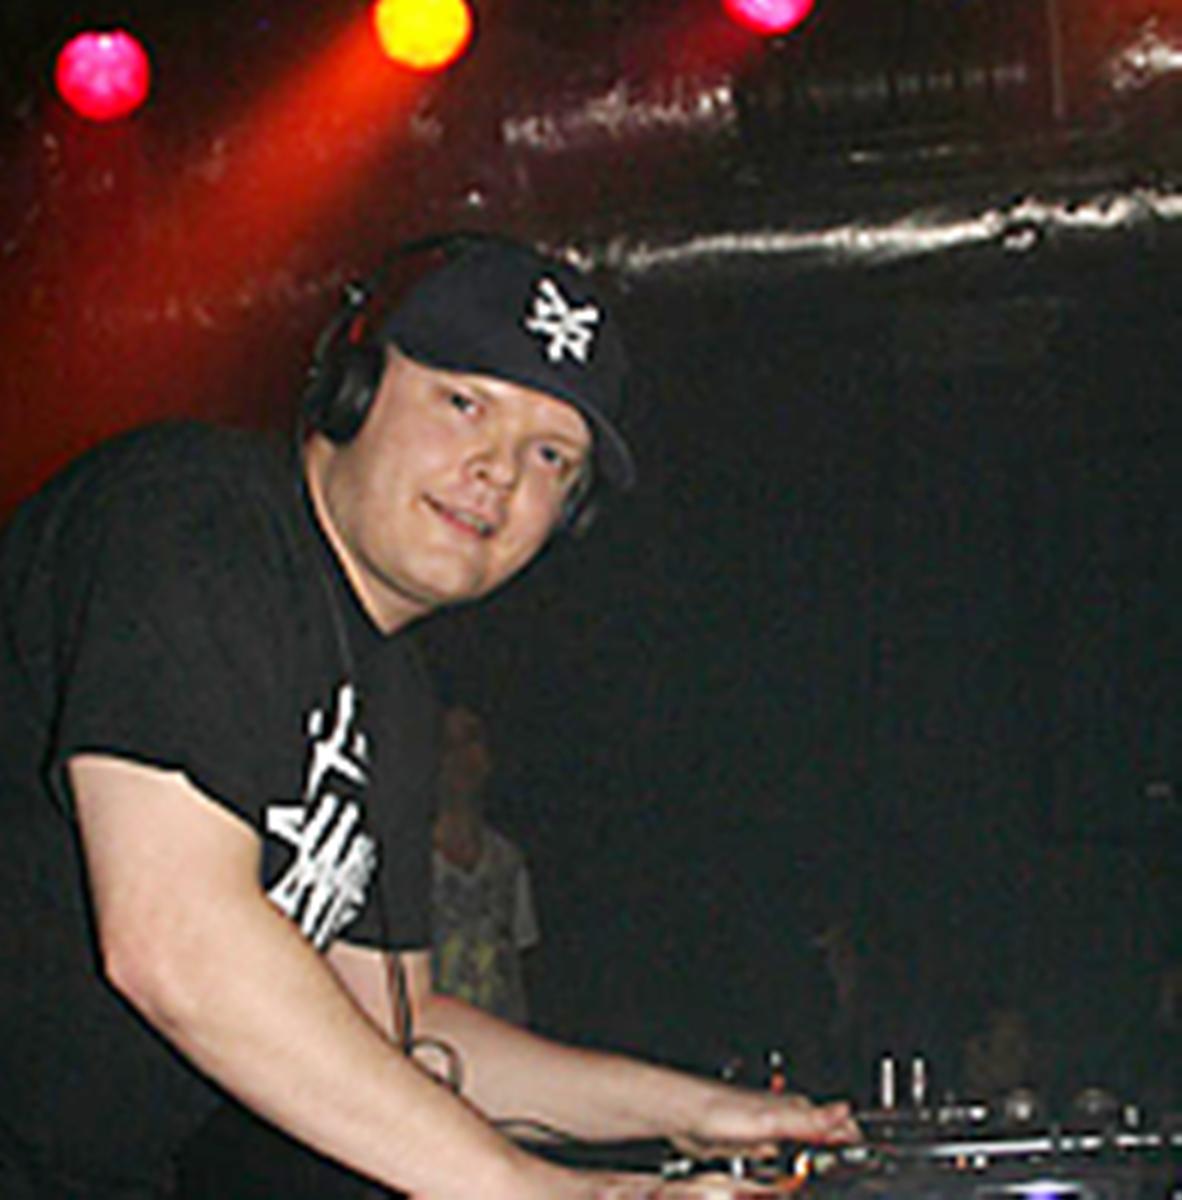 DJ Welly